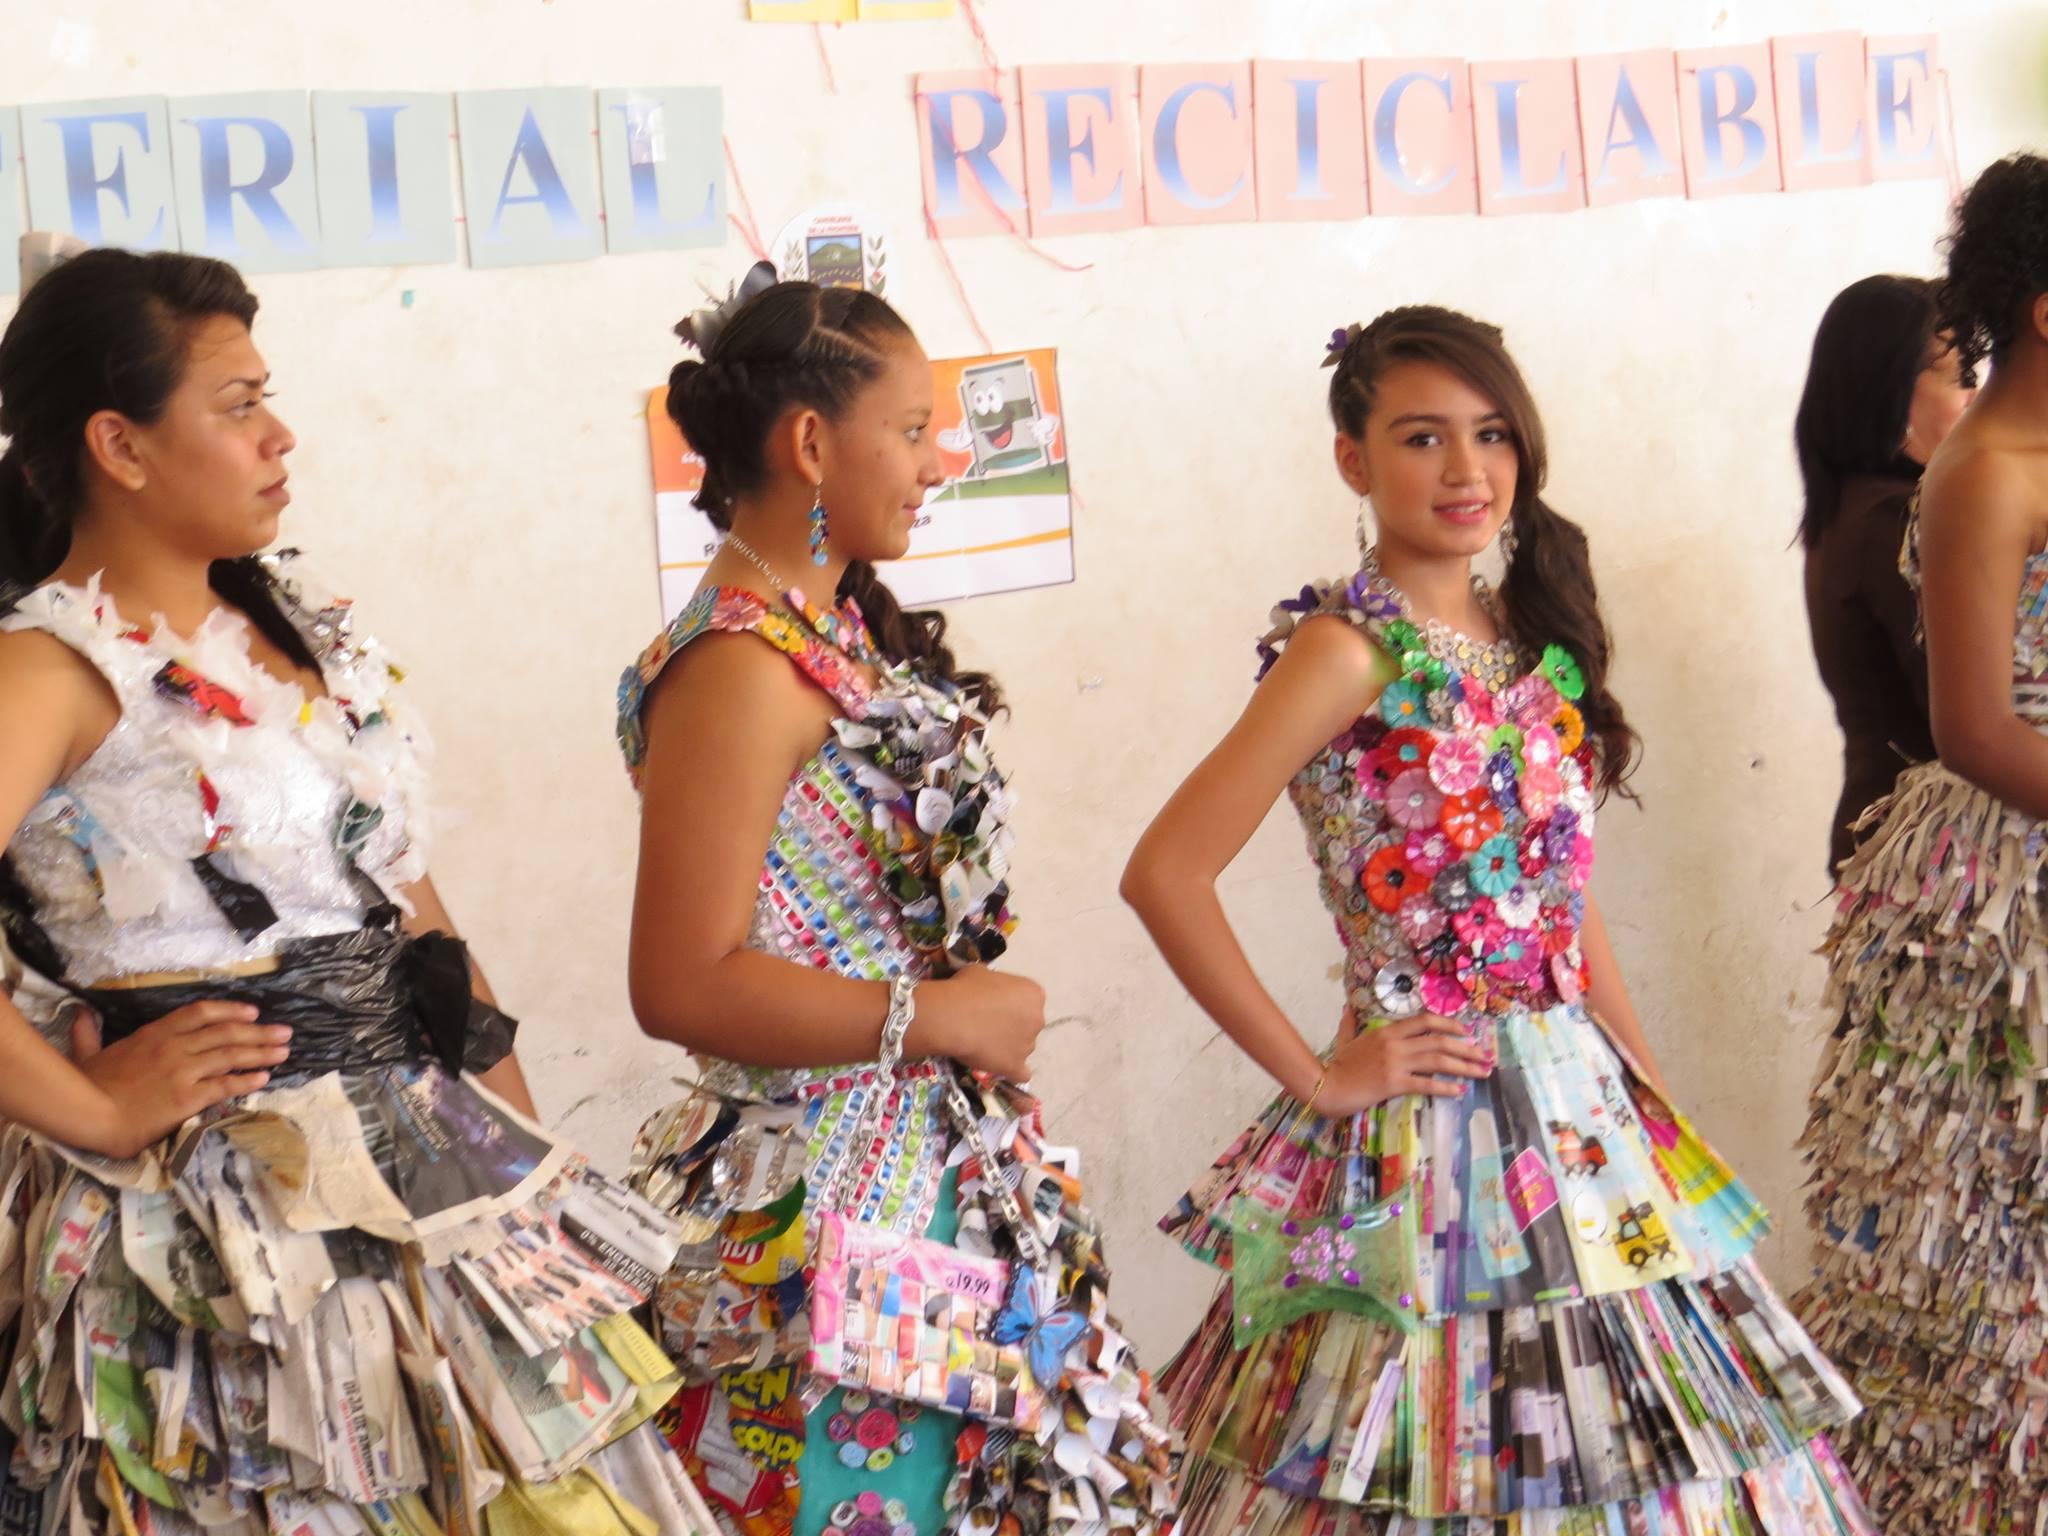 Jóvenes del municipio de Candelaria demuestran su creatividad a través del reciclaje